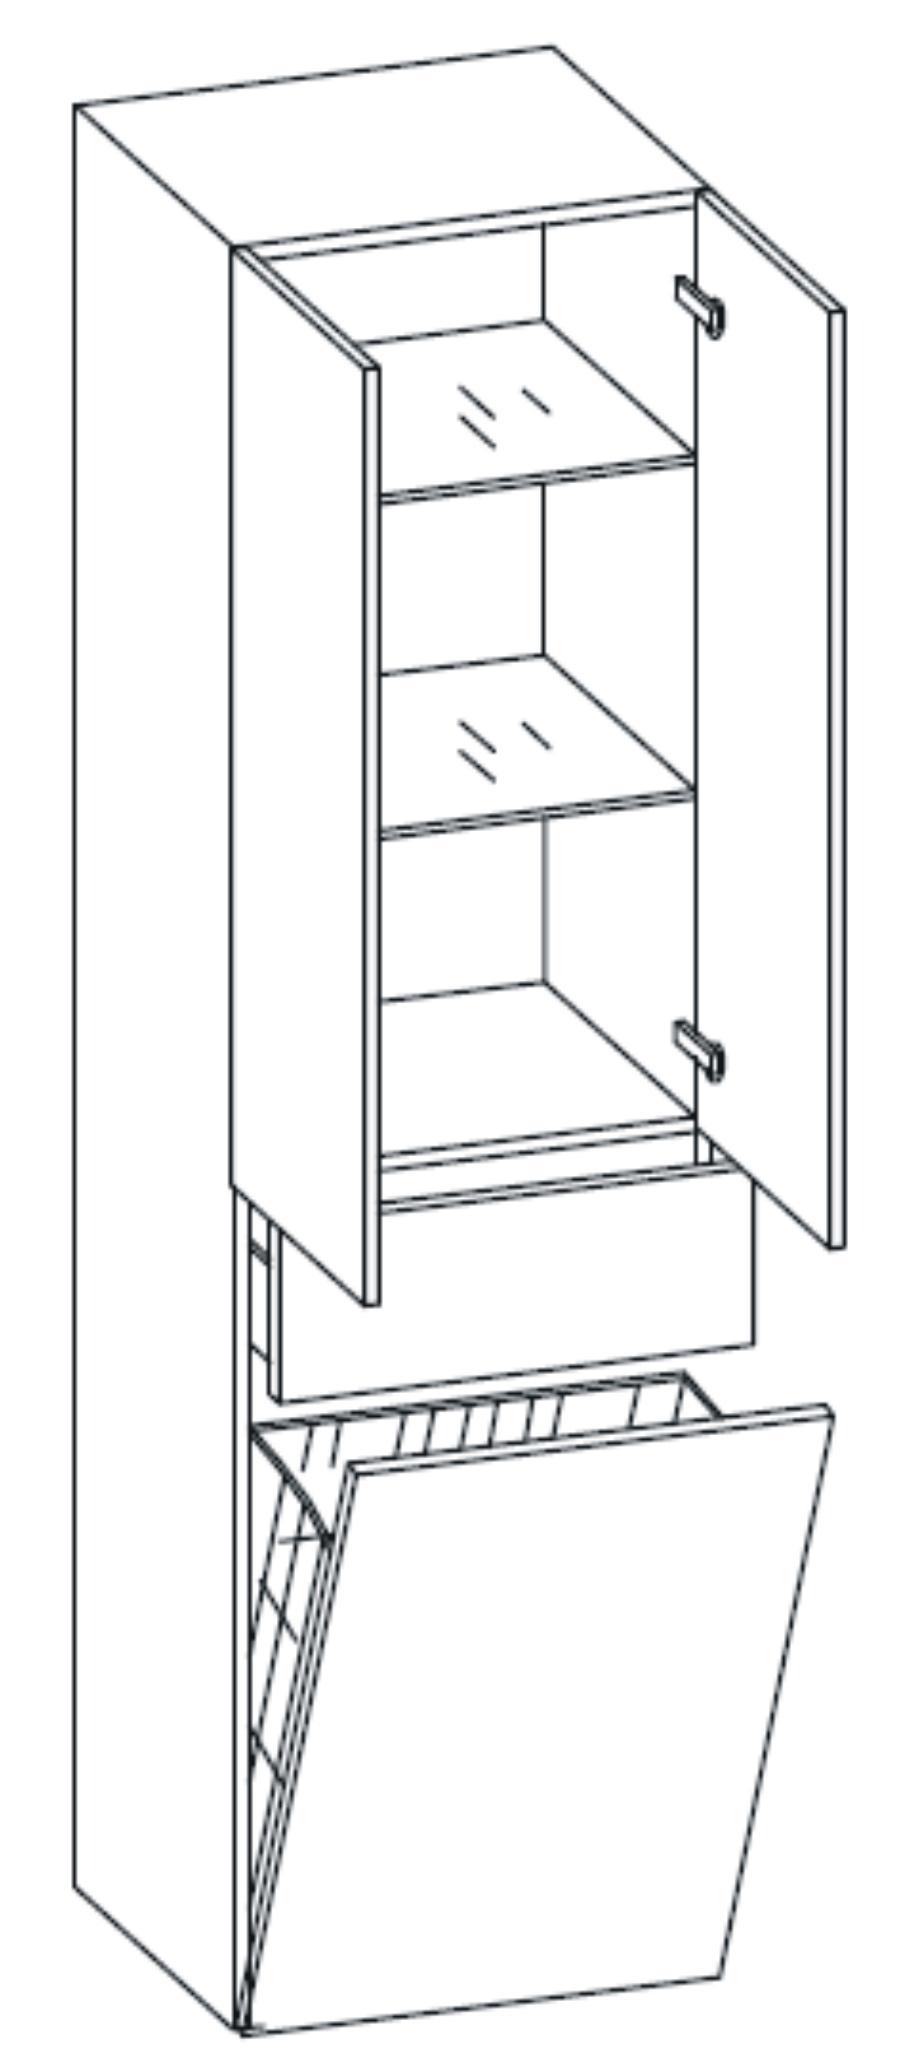 bad hochschrank mit wäschekorb | gispatcher, Badezimmer ideen